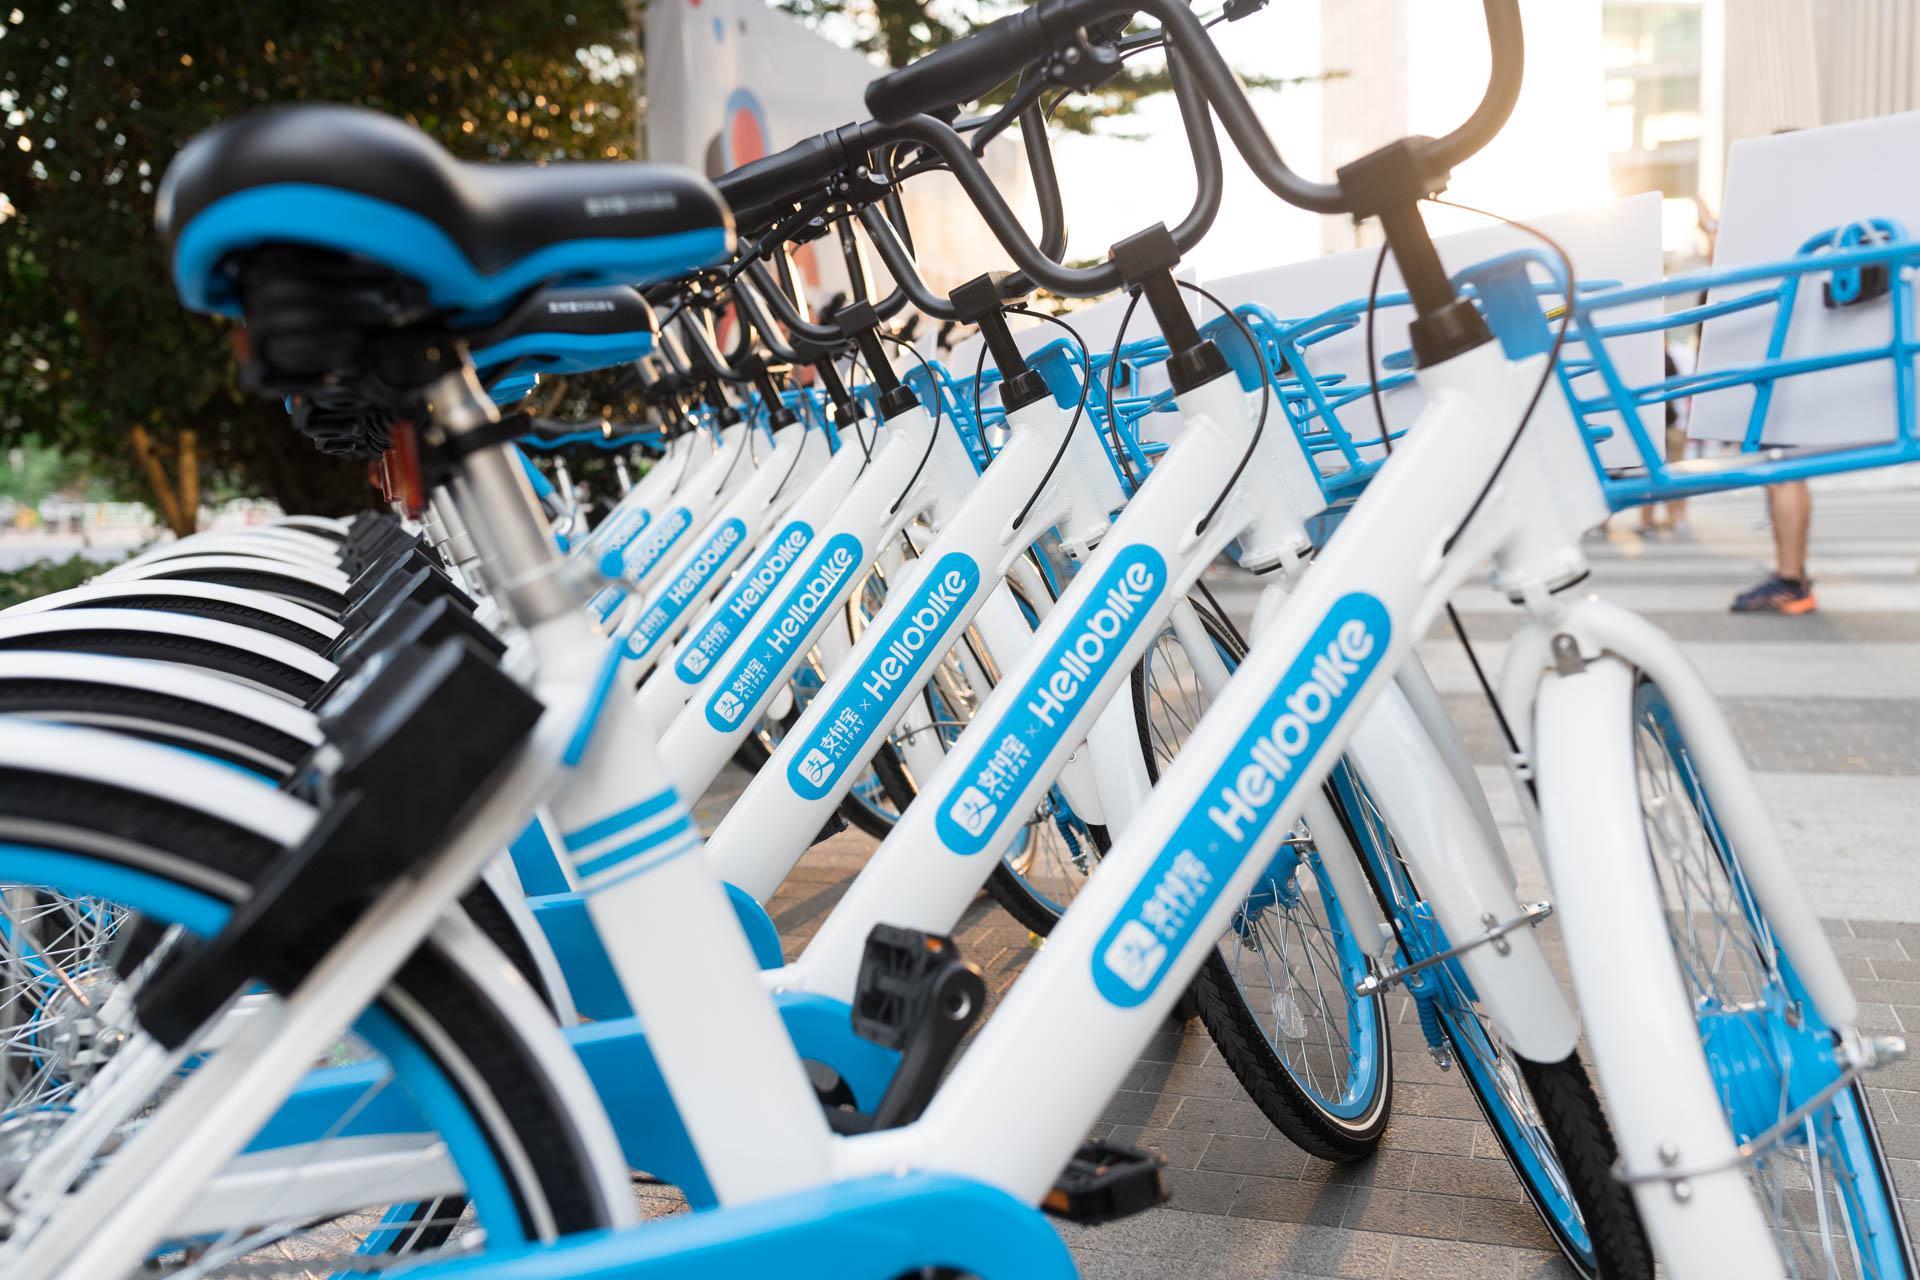 哈啰单车CEO杨磊:已经在100多个城市实现净利润